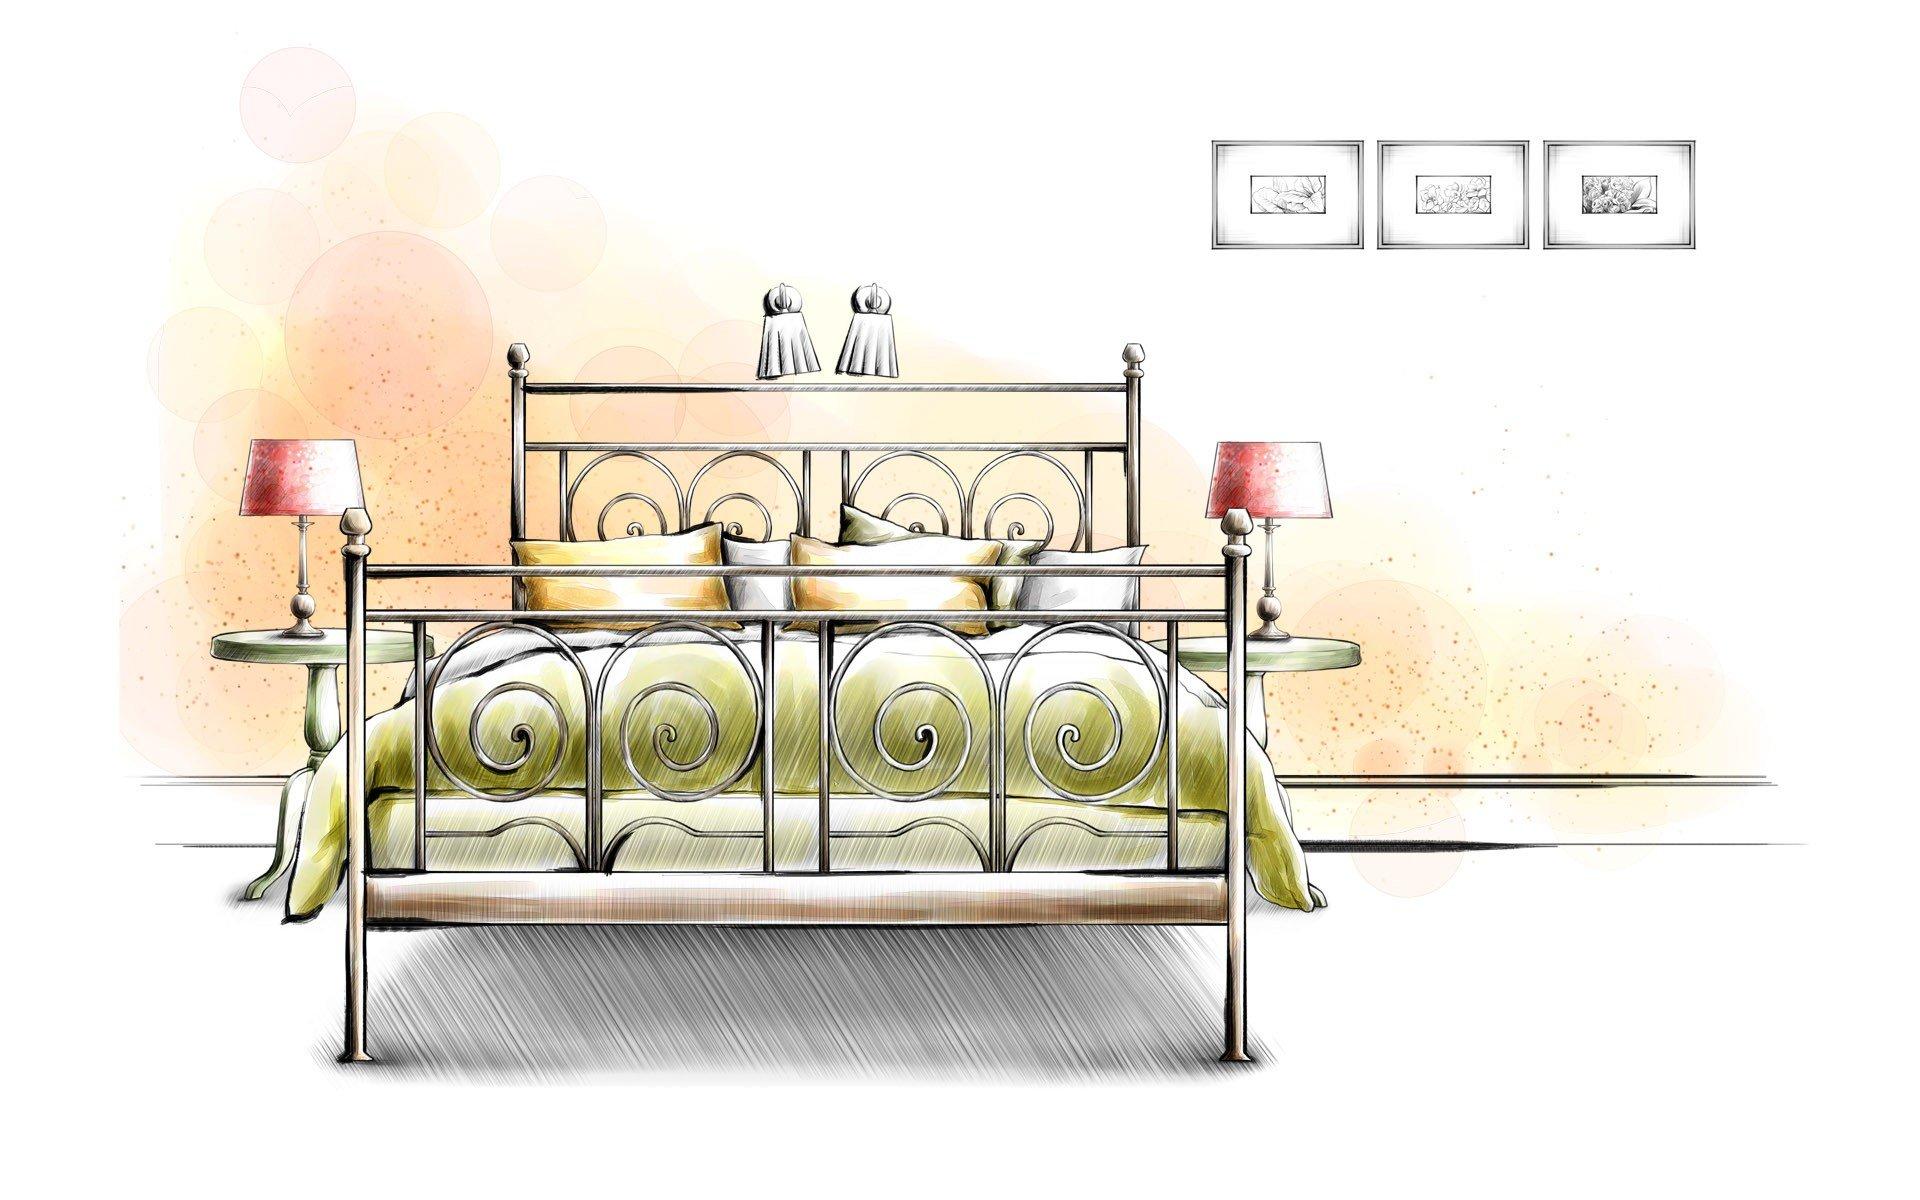 Design interior furniture drawings wallpaper 1920x1200 for Interior designs drawings